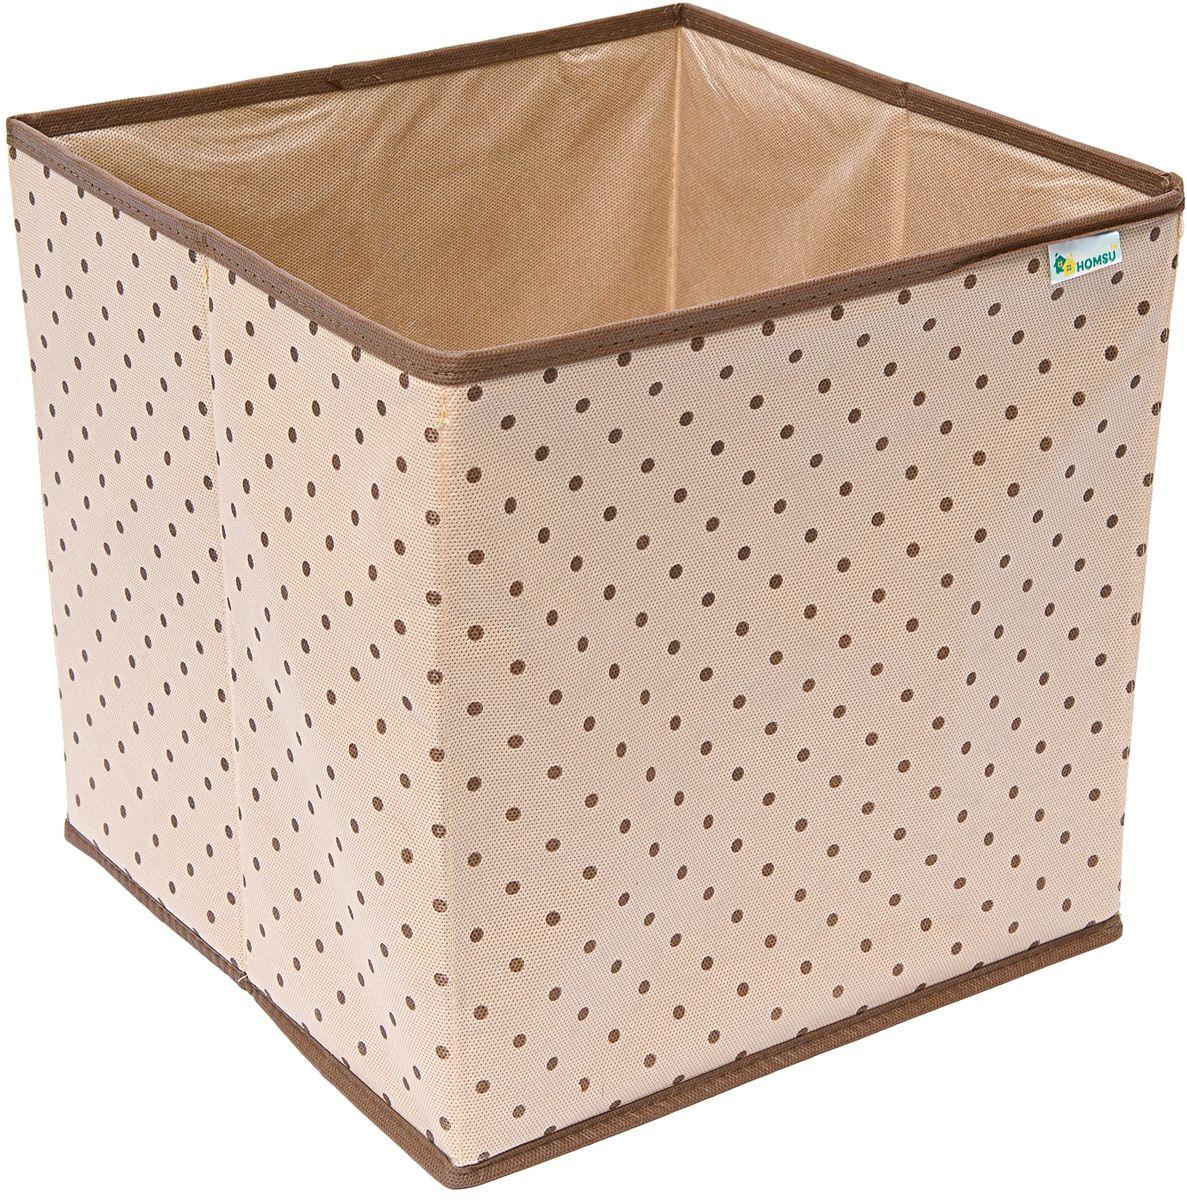 Коробка для хранения Homsu, 30 x 30 x 30 смHOM-793Компактная, но в то же время вместительная коробка-куб прекрасно подойдет для хранения одежды, полотенец и других вещей. Выполнена в универсальном дизайне, благодаря чему гармонично впишется в любой интерьер.